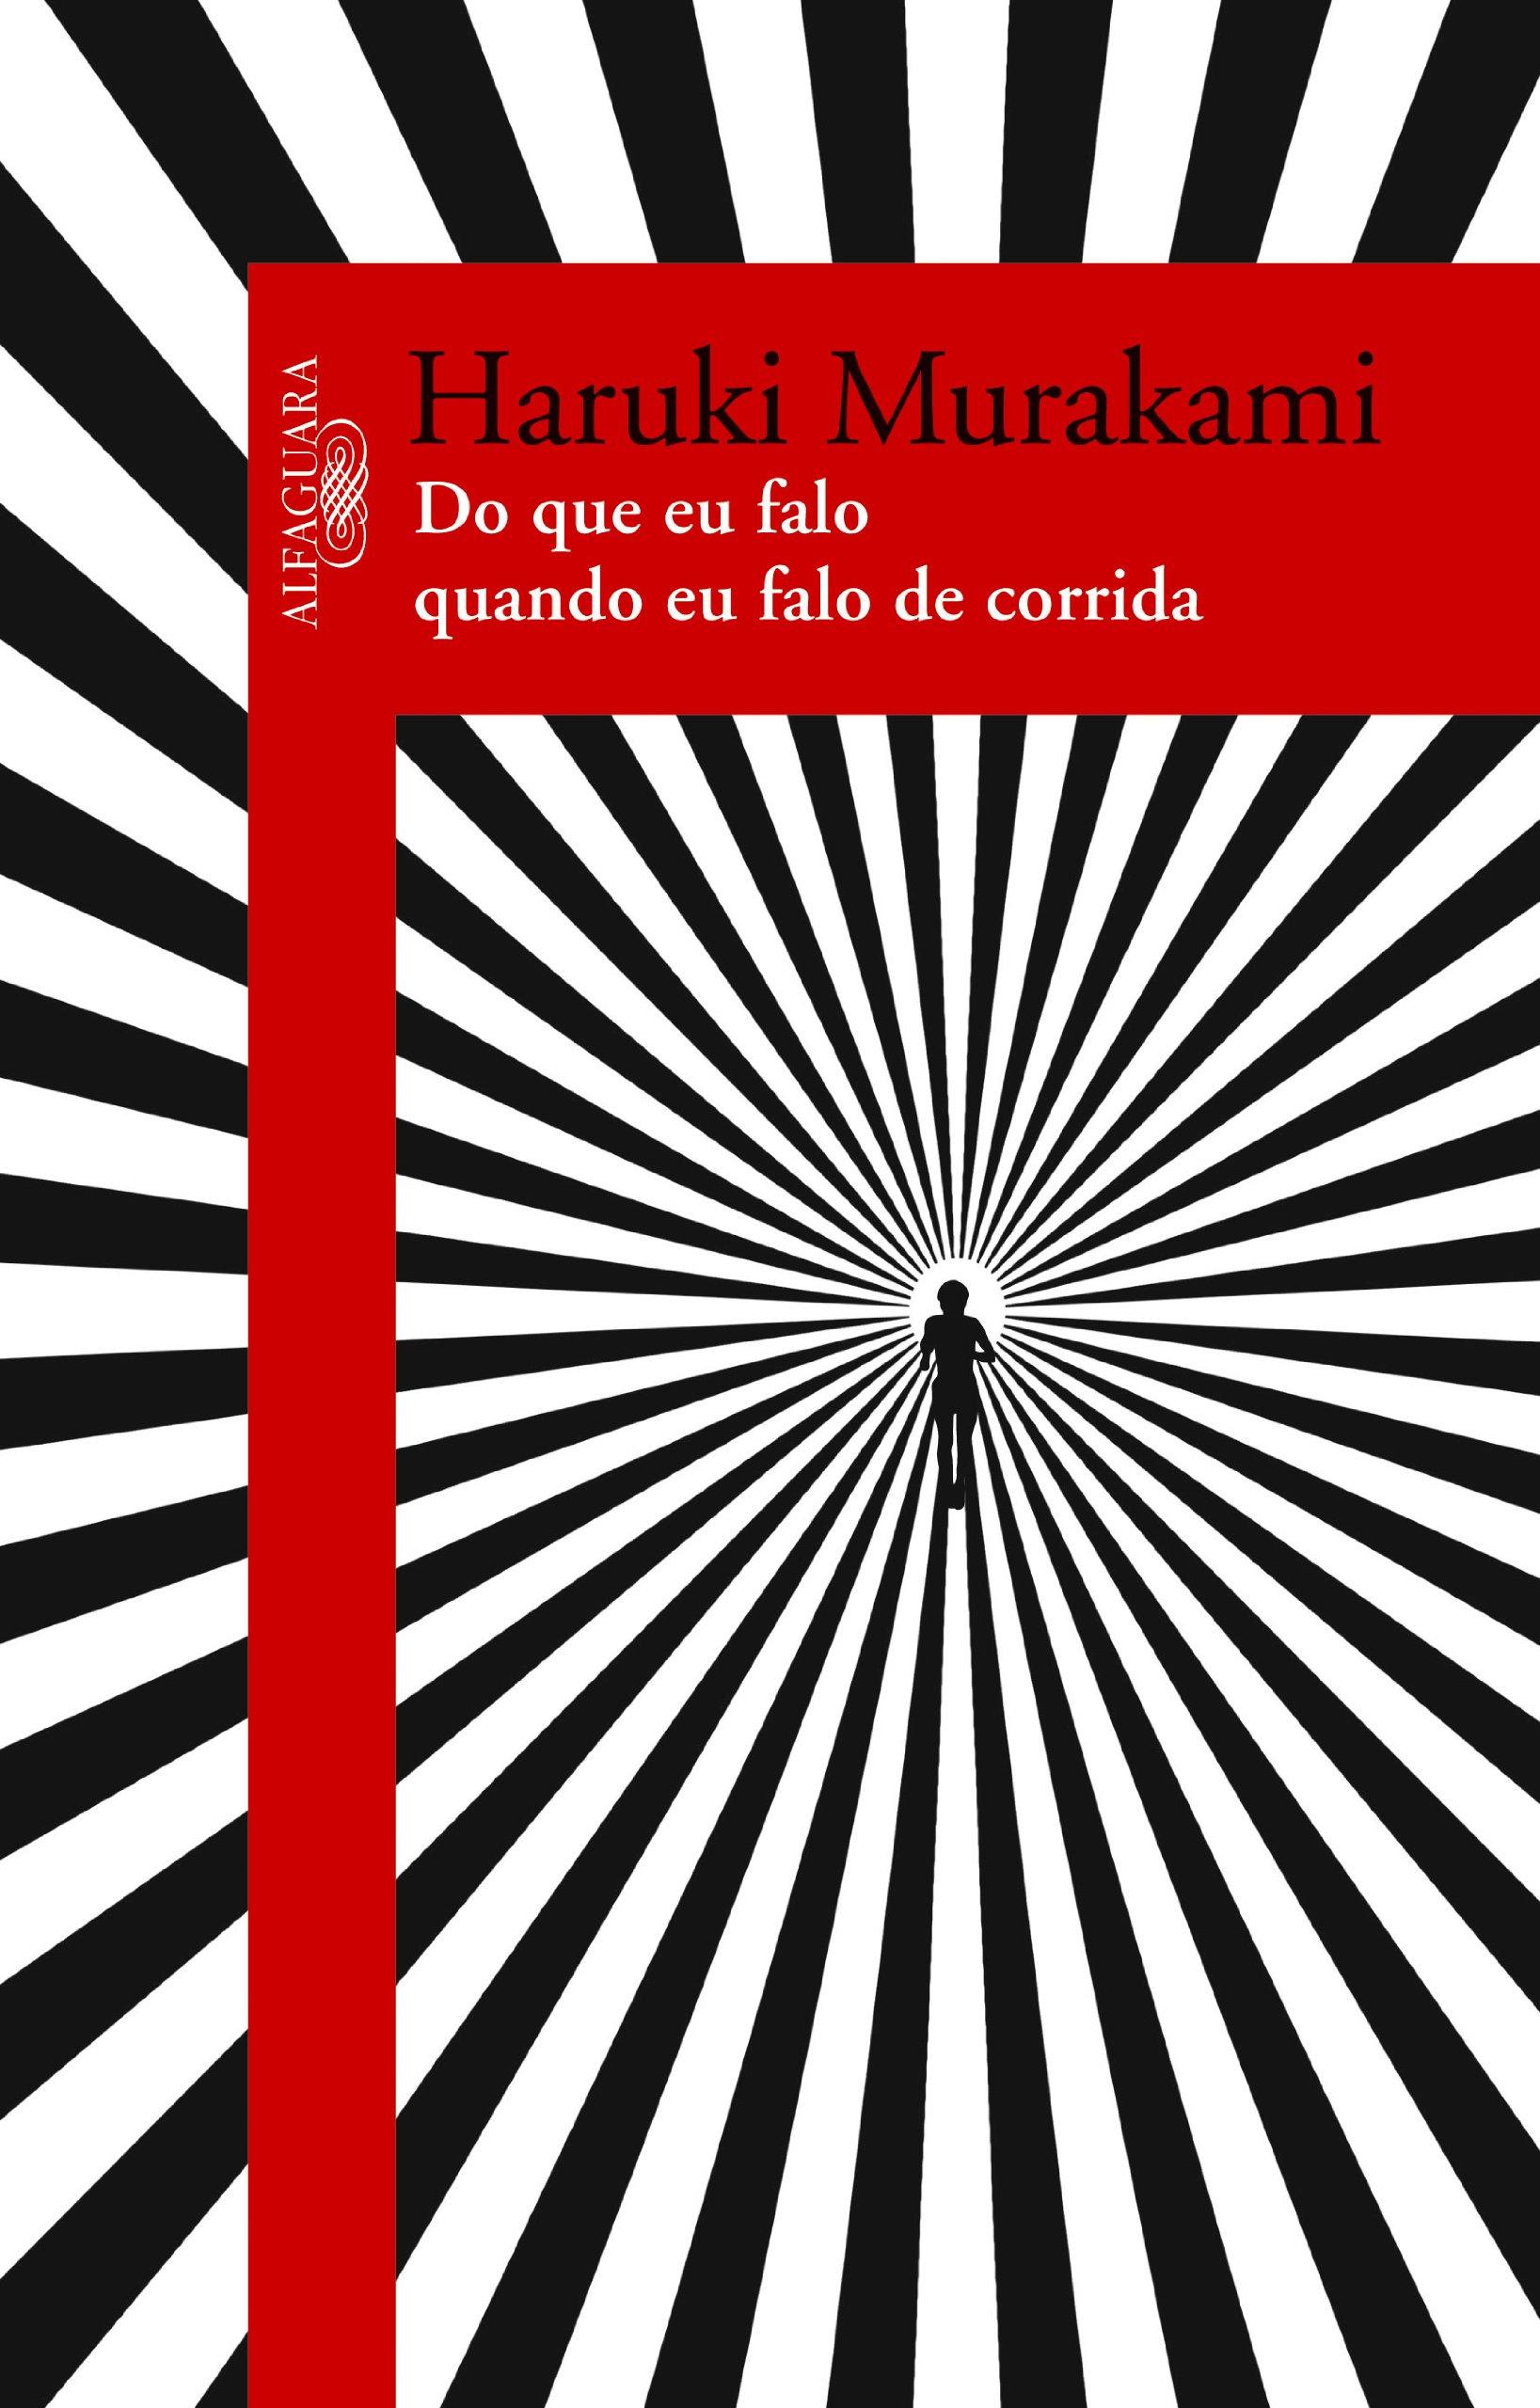 Do Que Eu Falo Quando Falo de Corrida (Em Portugues do Brasil) PDF